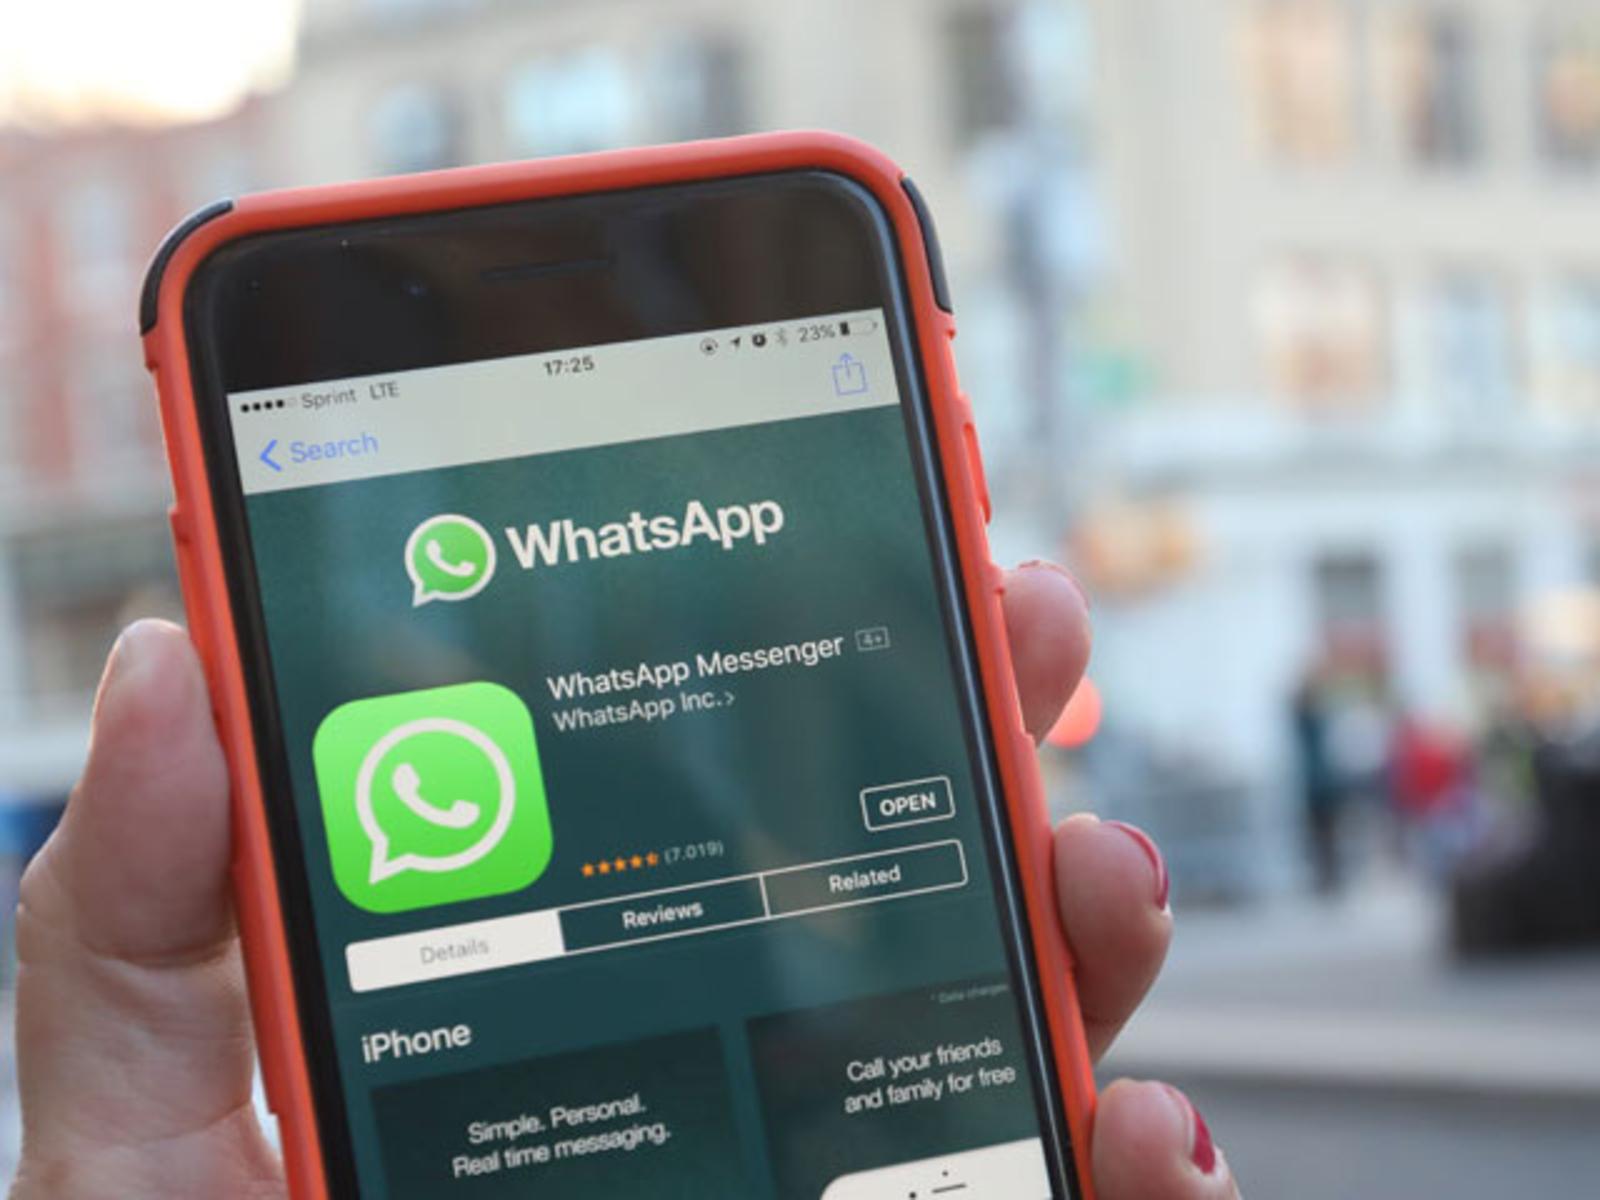 Profilbild wer hat iphone besucht whatsapp mein WhatsApp Profilbesucher